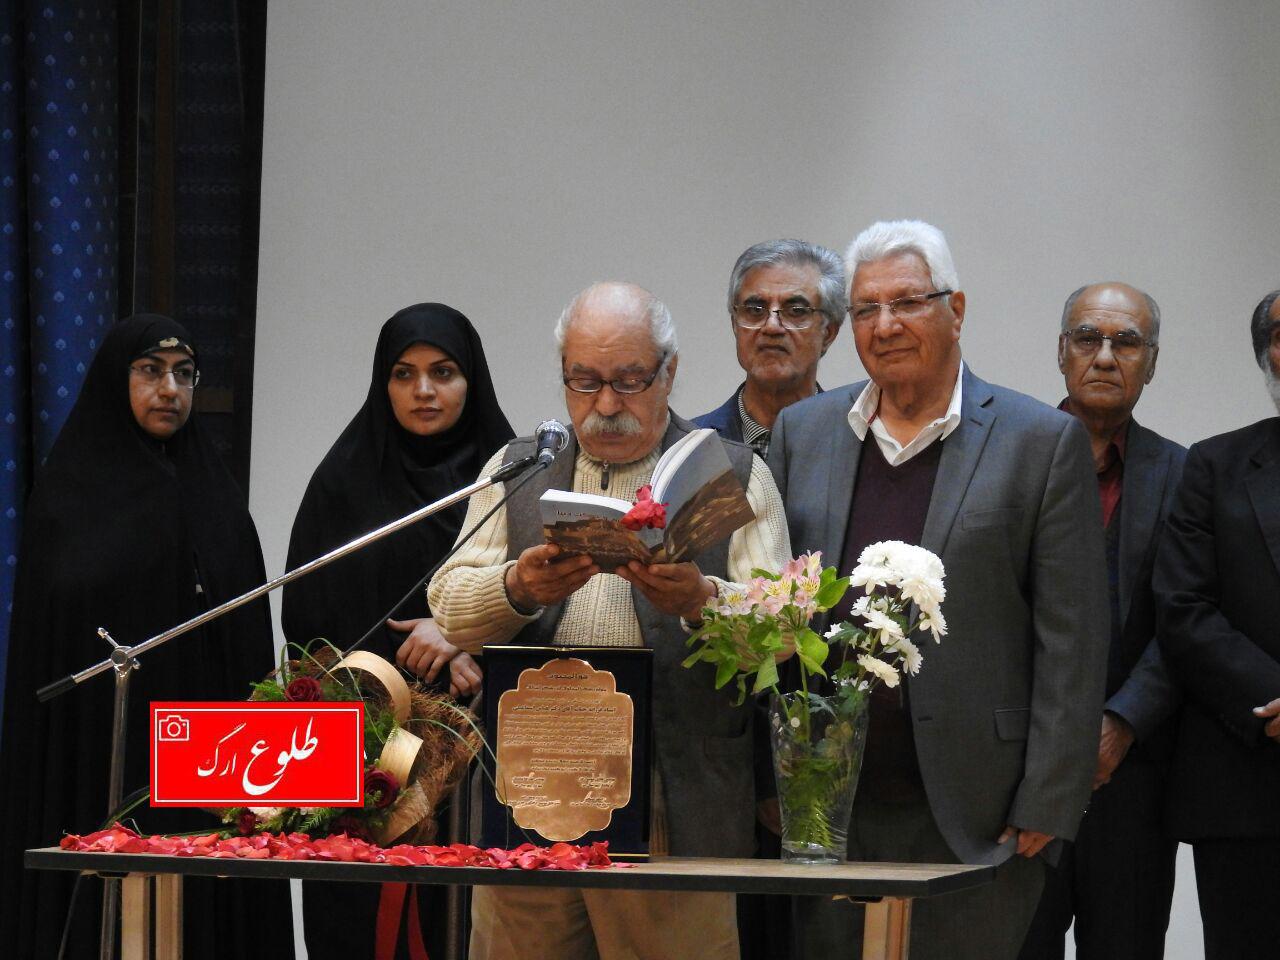 آئین نکوداشت دکتر عباس اسماعیلی با شکوه هرچه تمامتر در سالن ارشاد شهرستان بم برگزار شد.